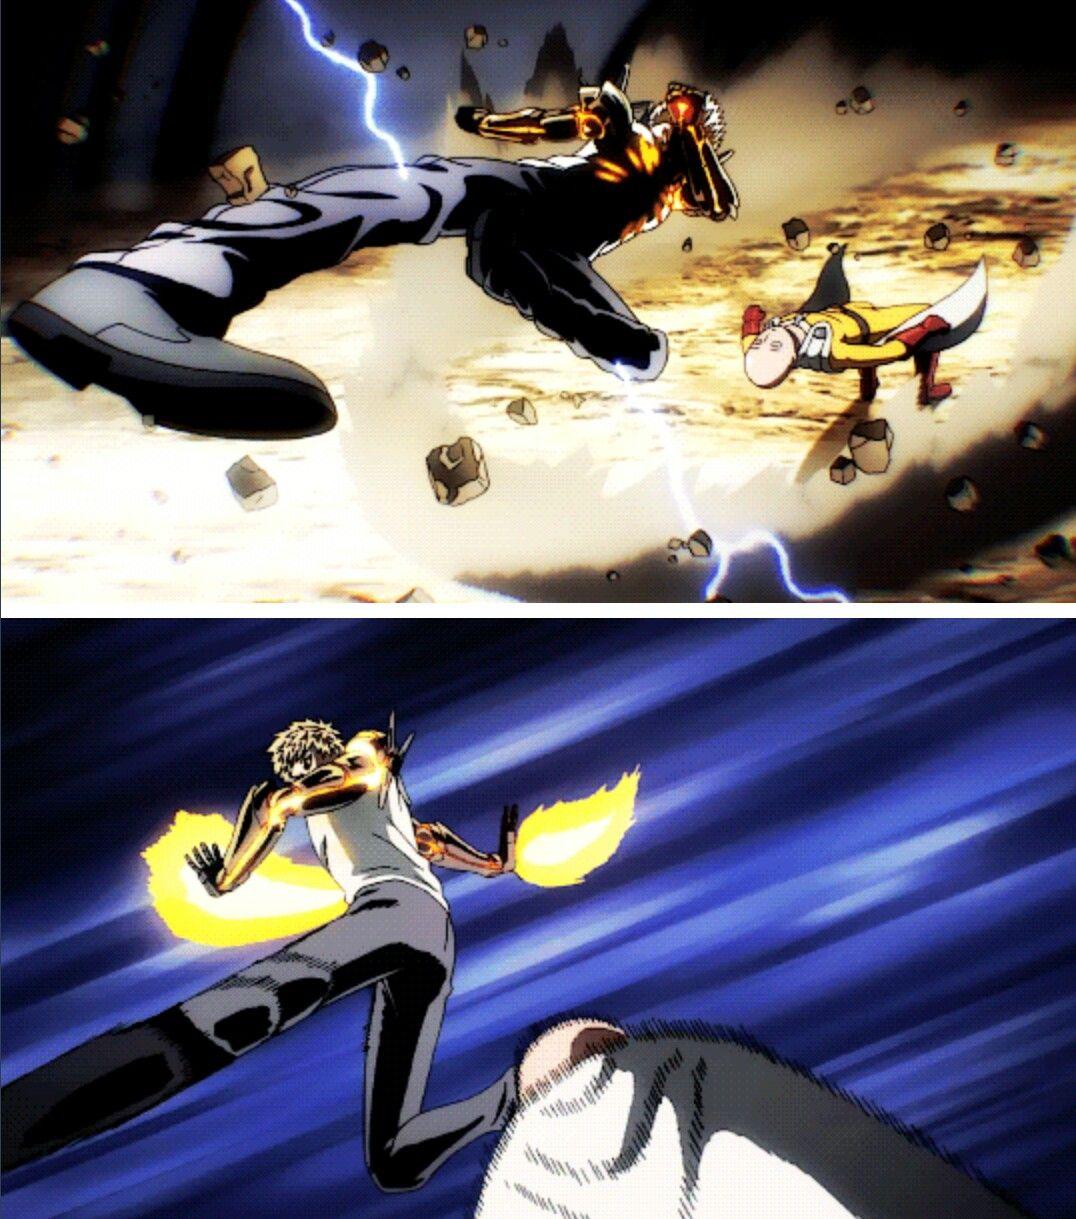 Genos vs. Saitama